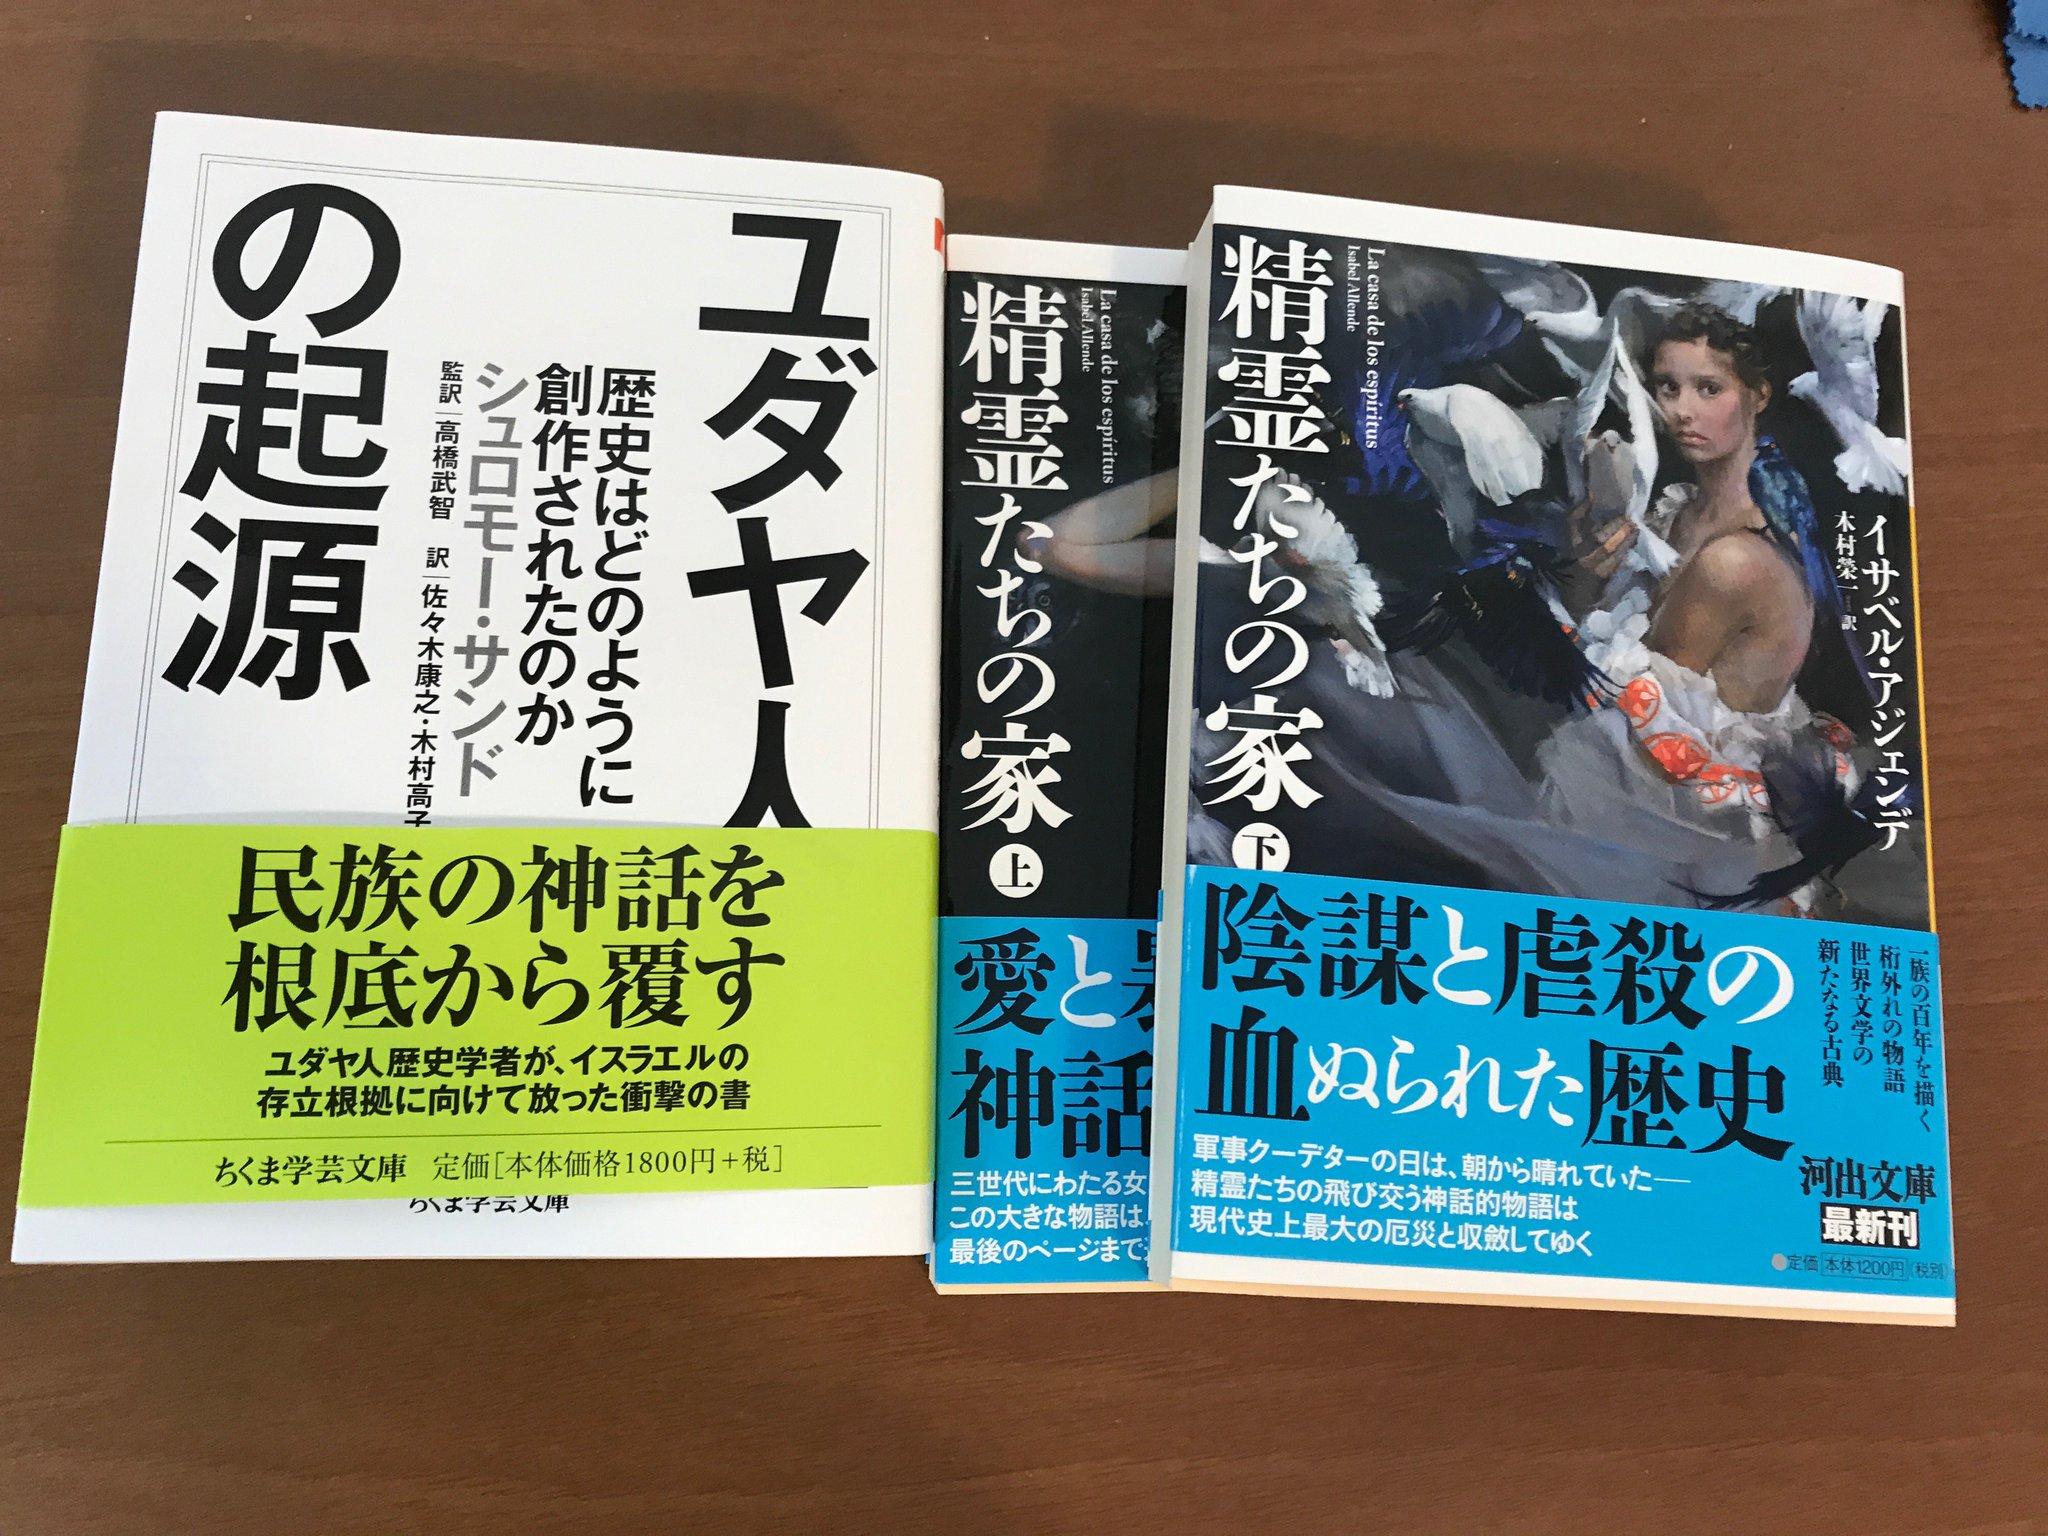 """柳原孝敦 Twitterren: """"新聞広告で見つけて、慶應の帰りに買ってきた ..."""